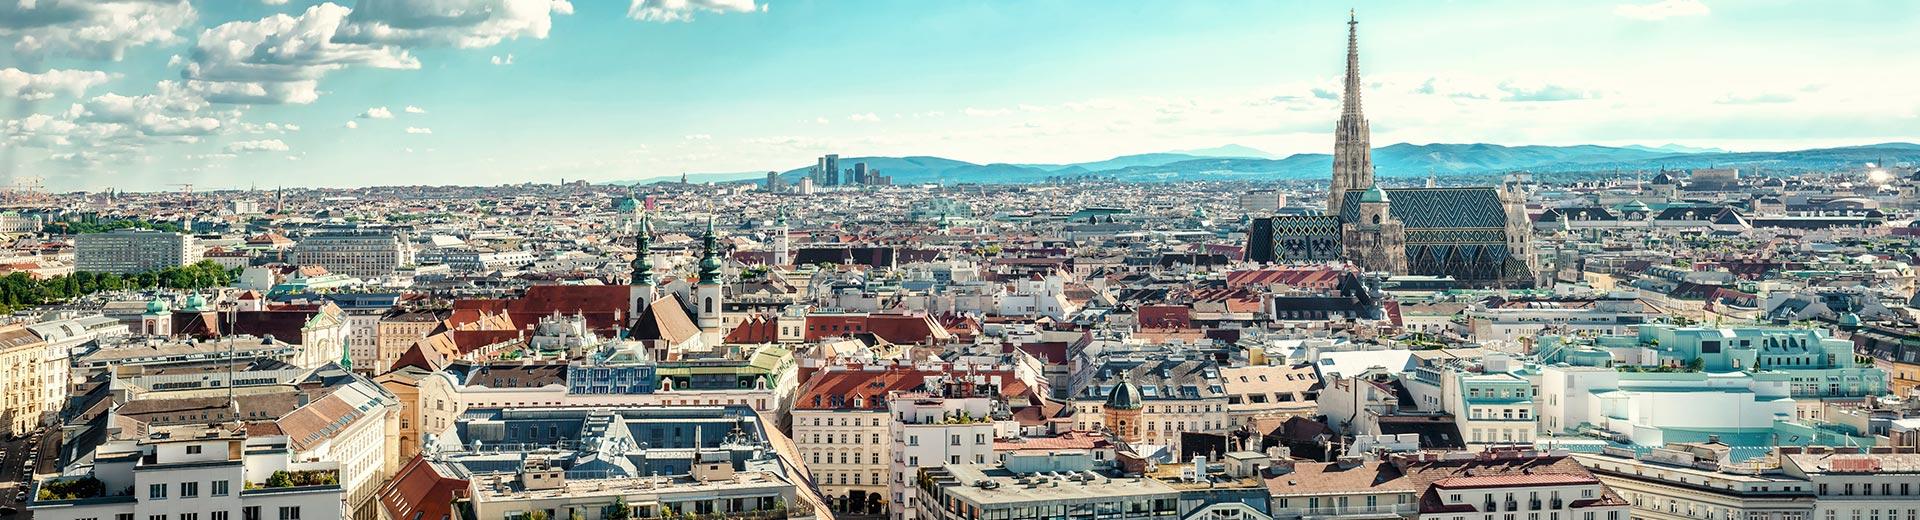 Gruppenreise Wien - Package Gruppen Budget Flug